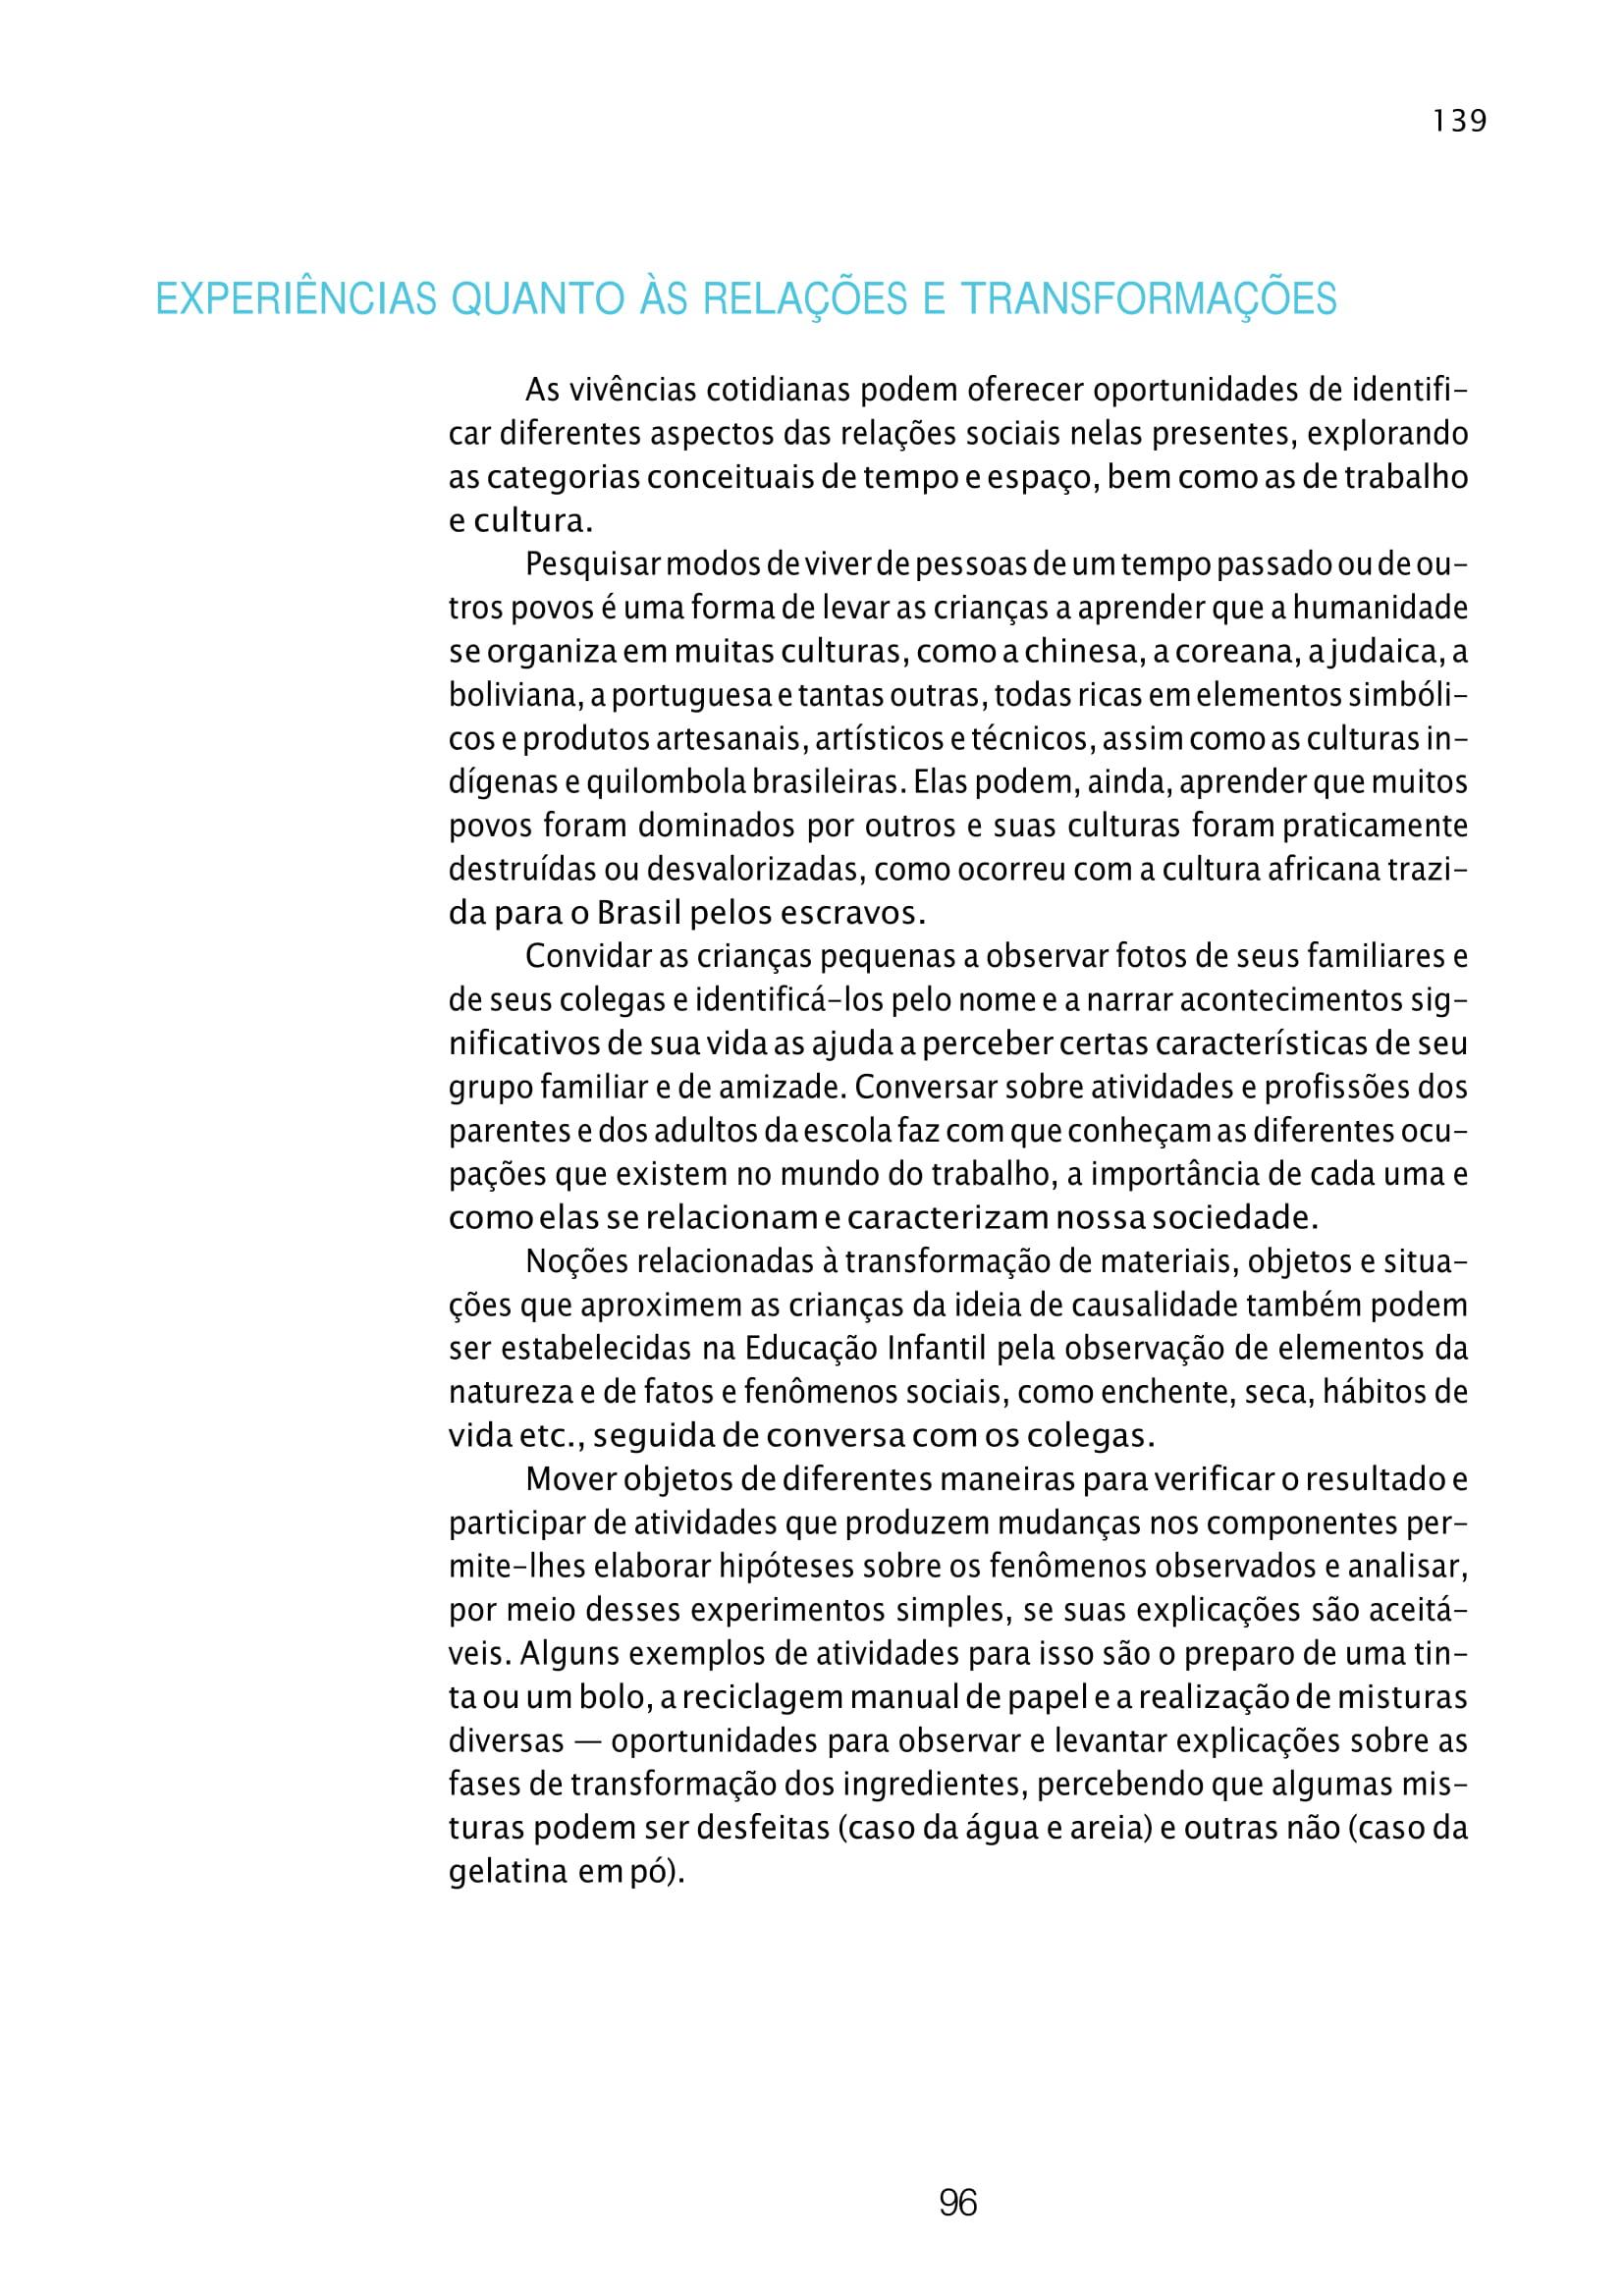 planejamento-educação-infantil-bncc-geral-169